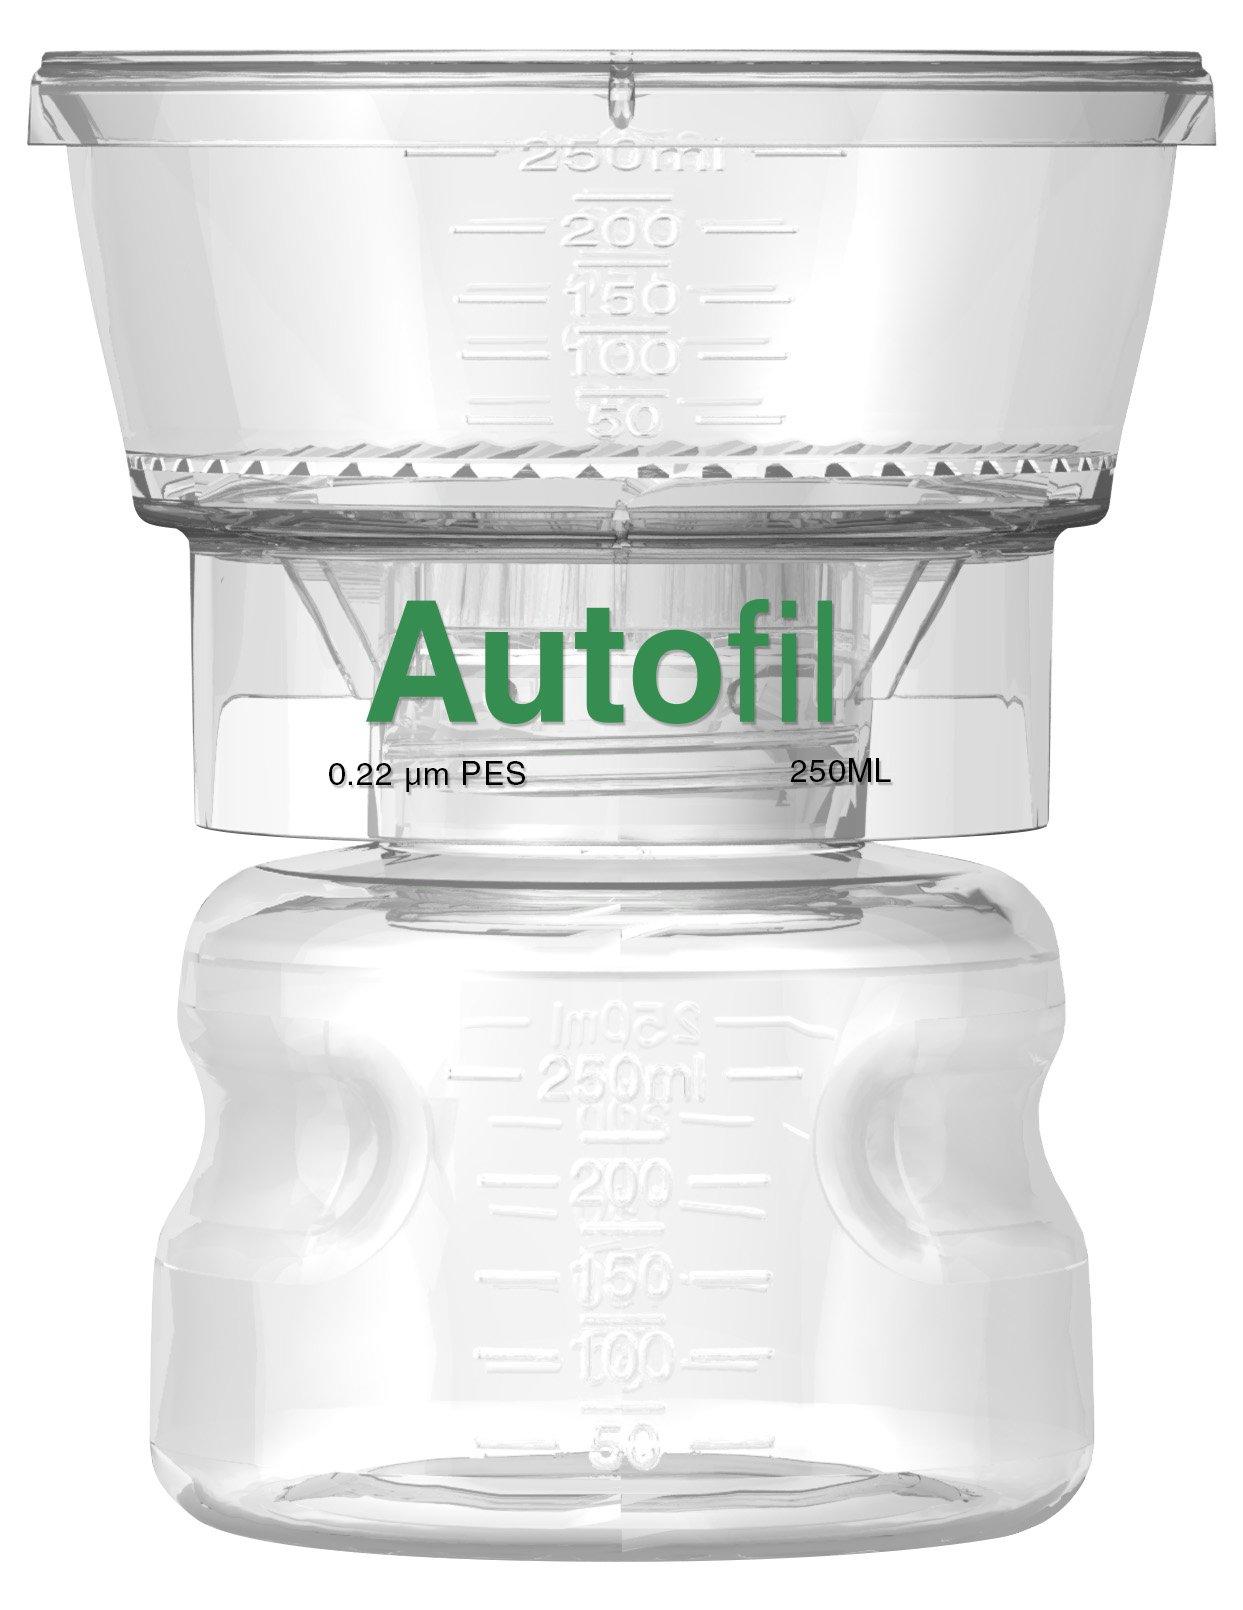 Autofil Sterile Disposable Vacuum Filter Units with 0.2um Sterilizing PES Membrane, 250mL, 12/CS by Foxx Life Sciences